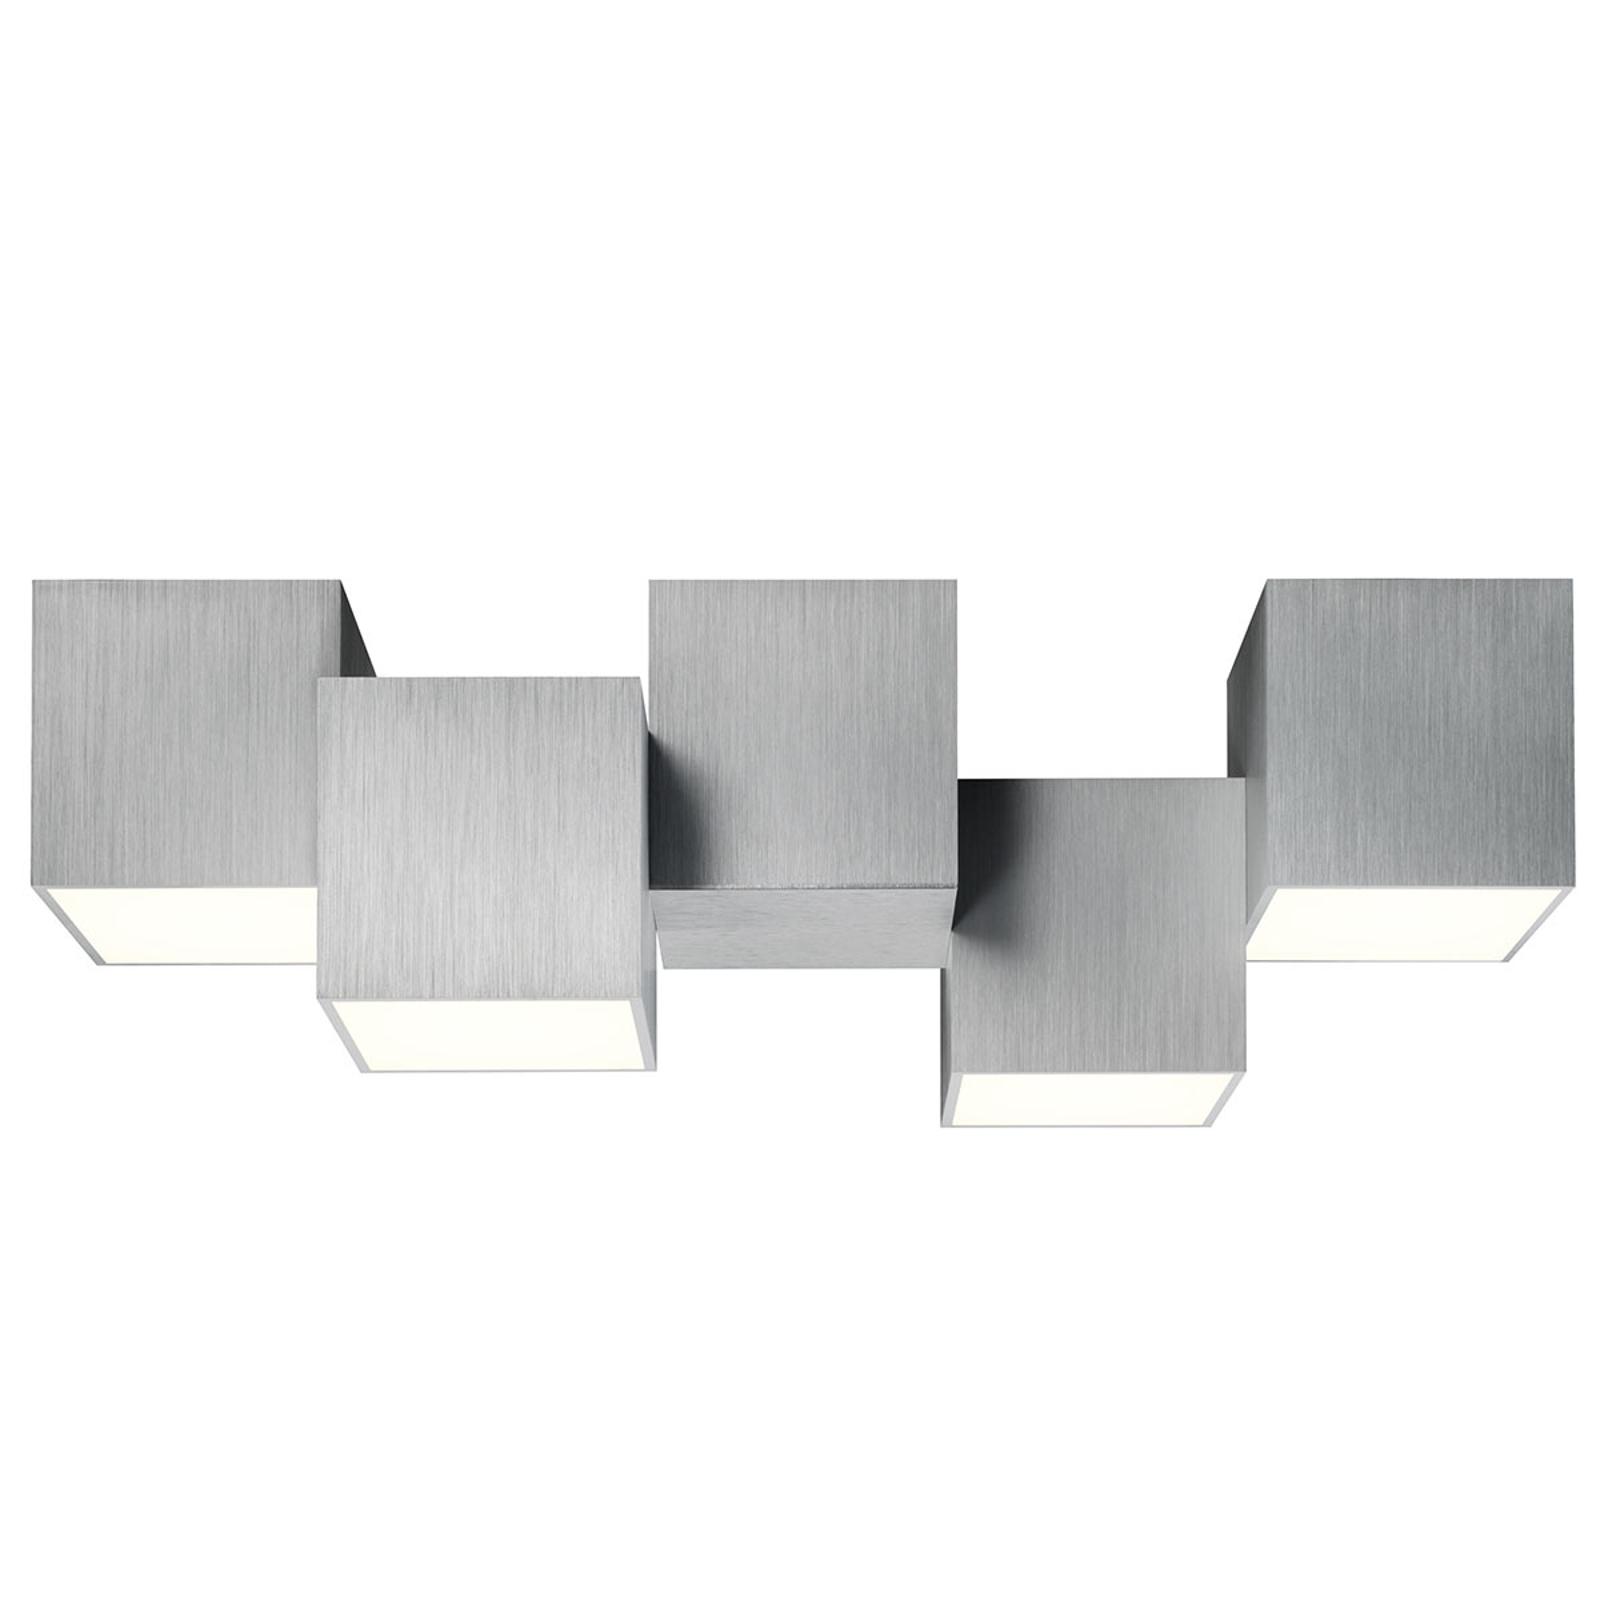 Produktové foto GROSSMANN GROSSMANN Rocks LED stropní svítidlo, 4zdrojové